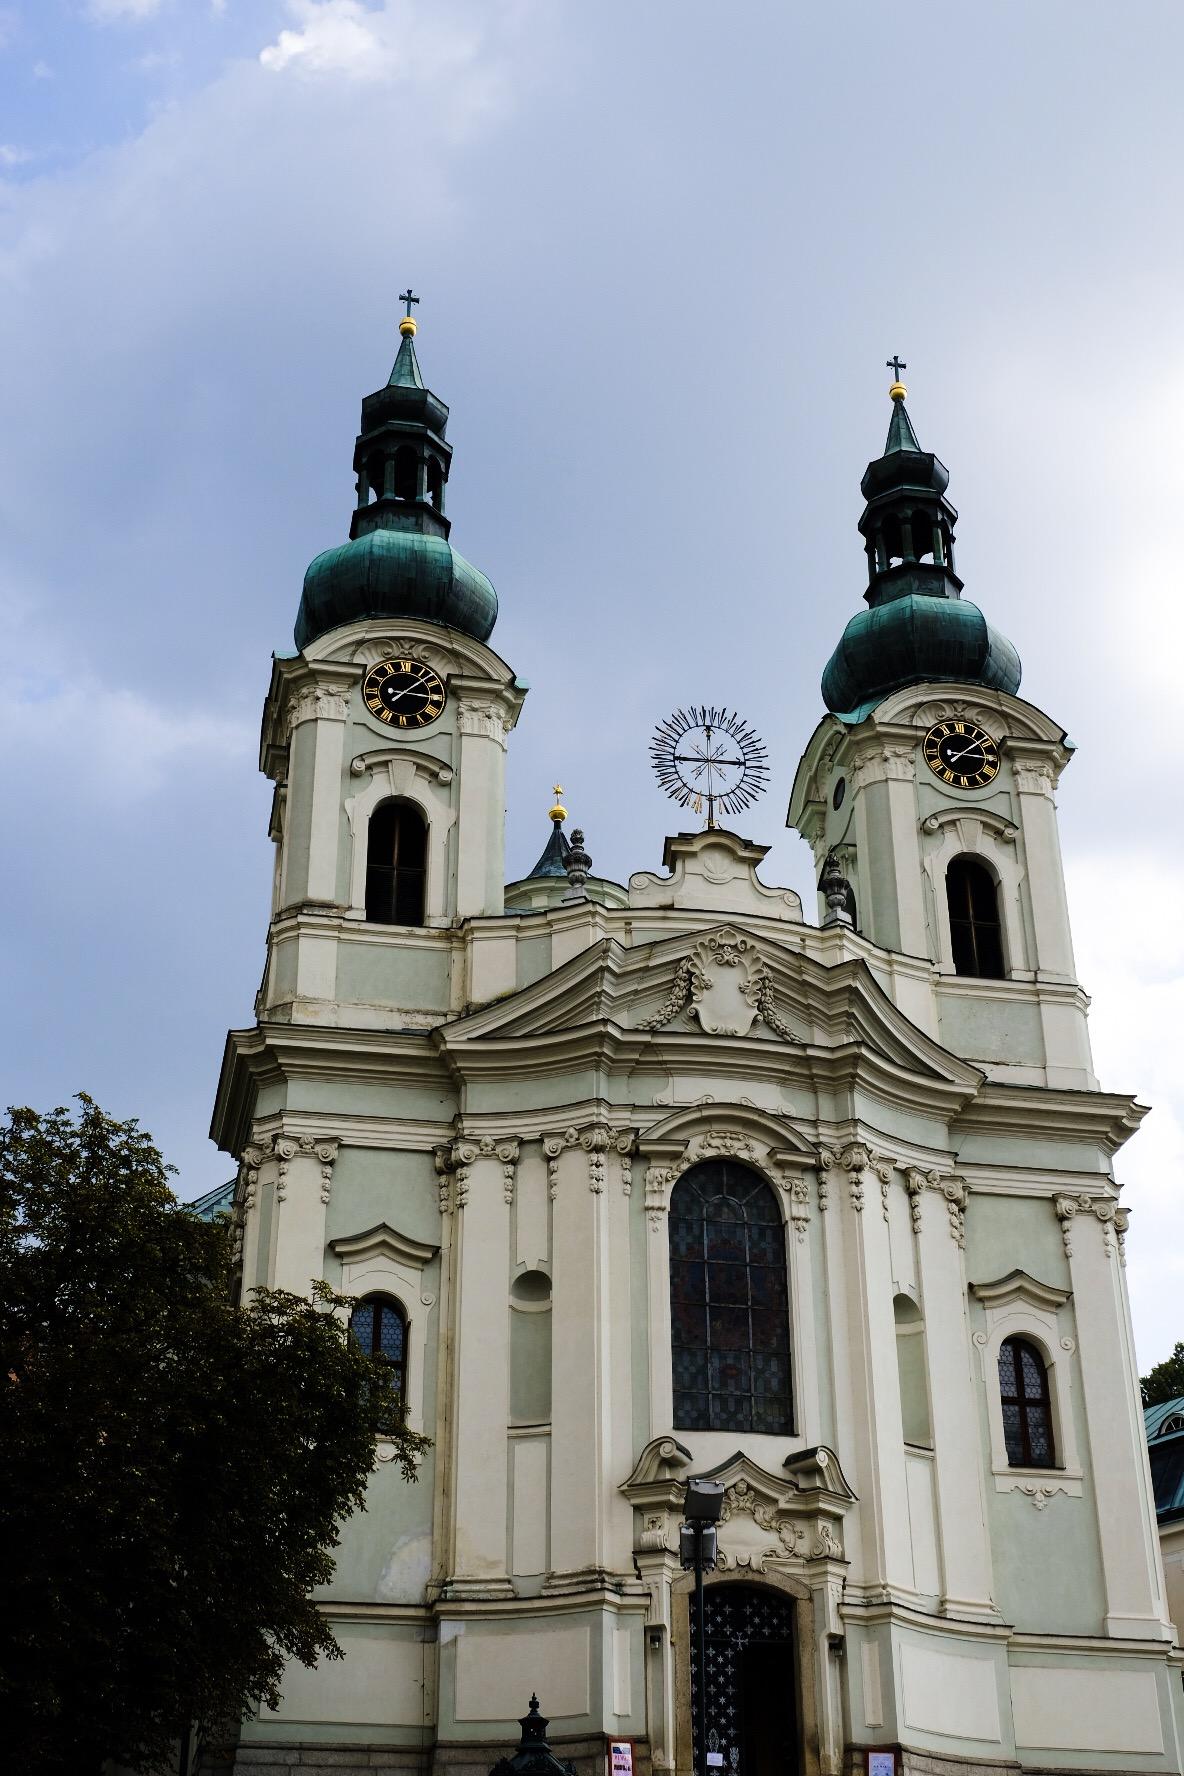 собор Марии Магдалины Карловы Вары